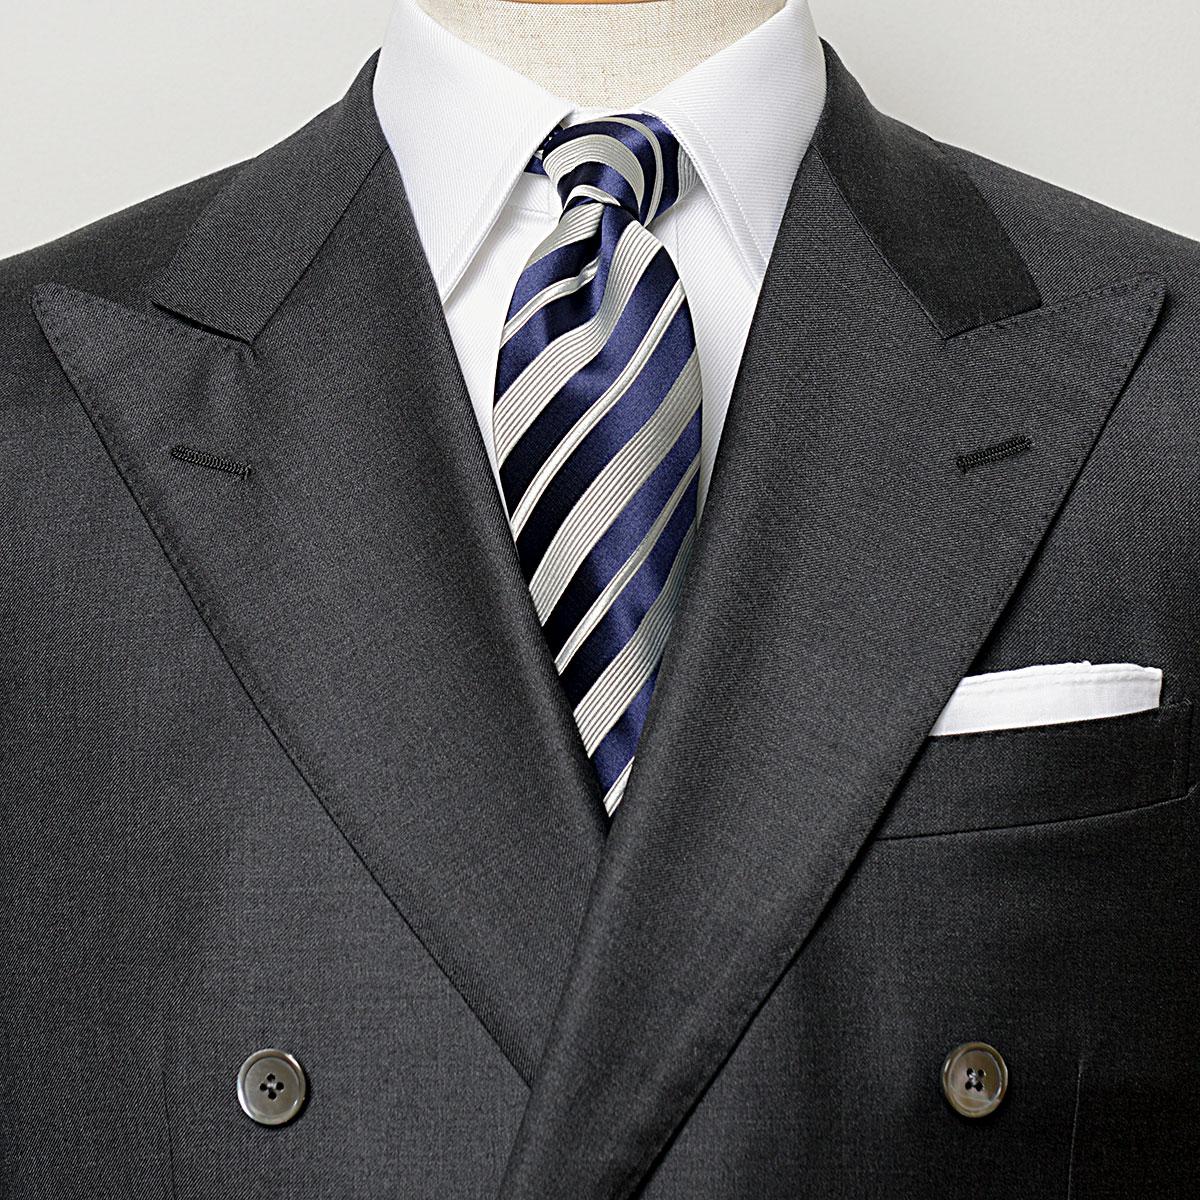 英国VANNERS製 高品質シルク ハンドメイド縫製の上質な高級ネクタイ VANNERS 贈答品 シルク 期間限定特別価格 レジメンタル 日本製 ハンドメイド ネイビーグレー ネクタイ FORMAL EXCY